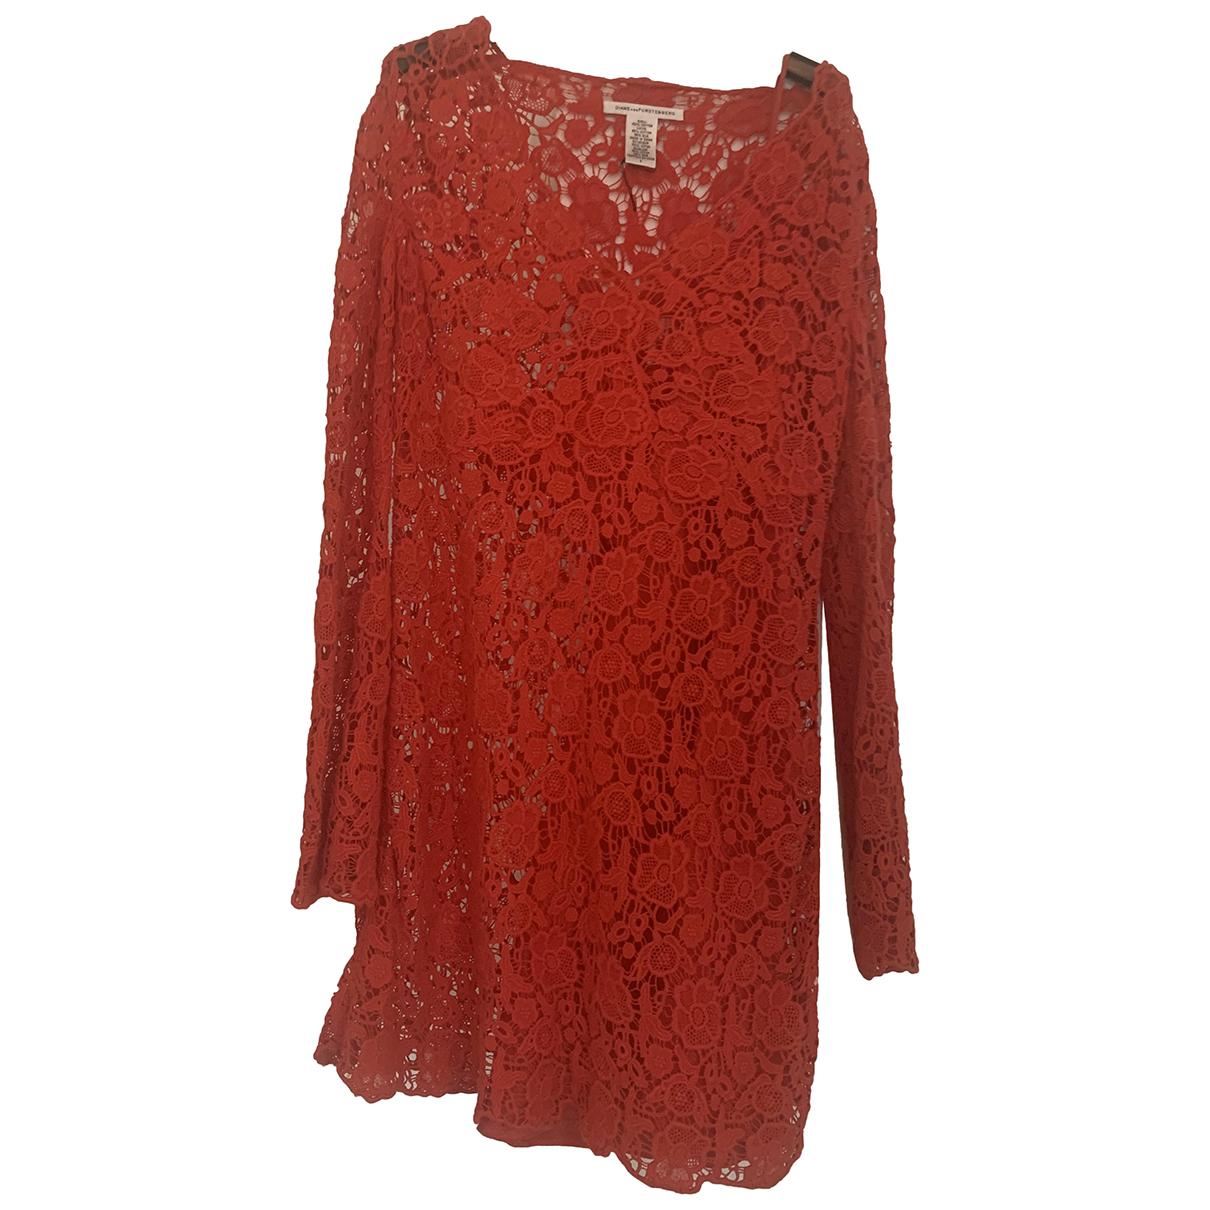 Diane Von Furstenberg N Red Cotton dress for Women 2 US